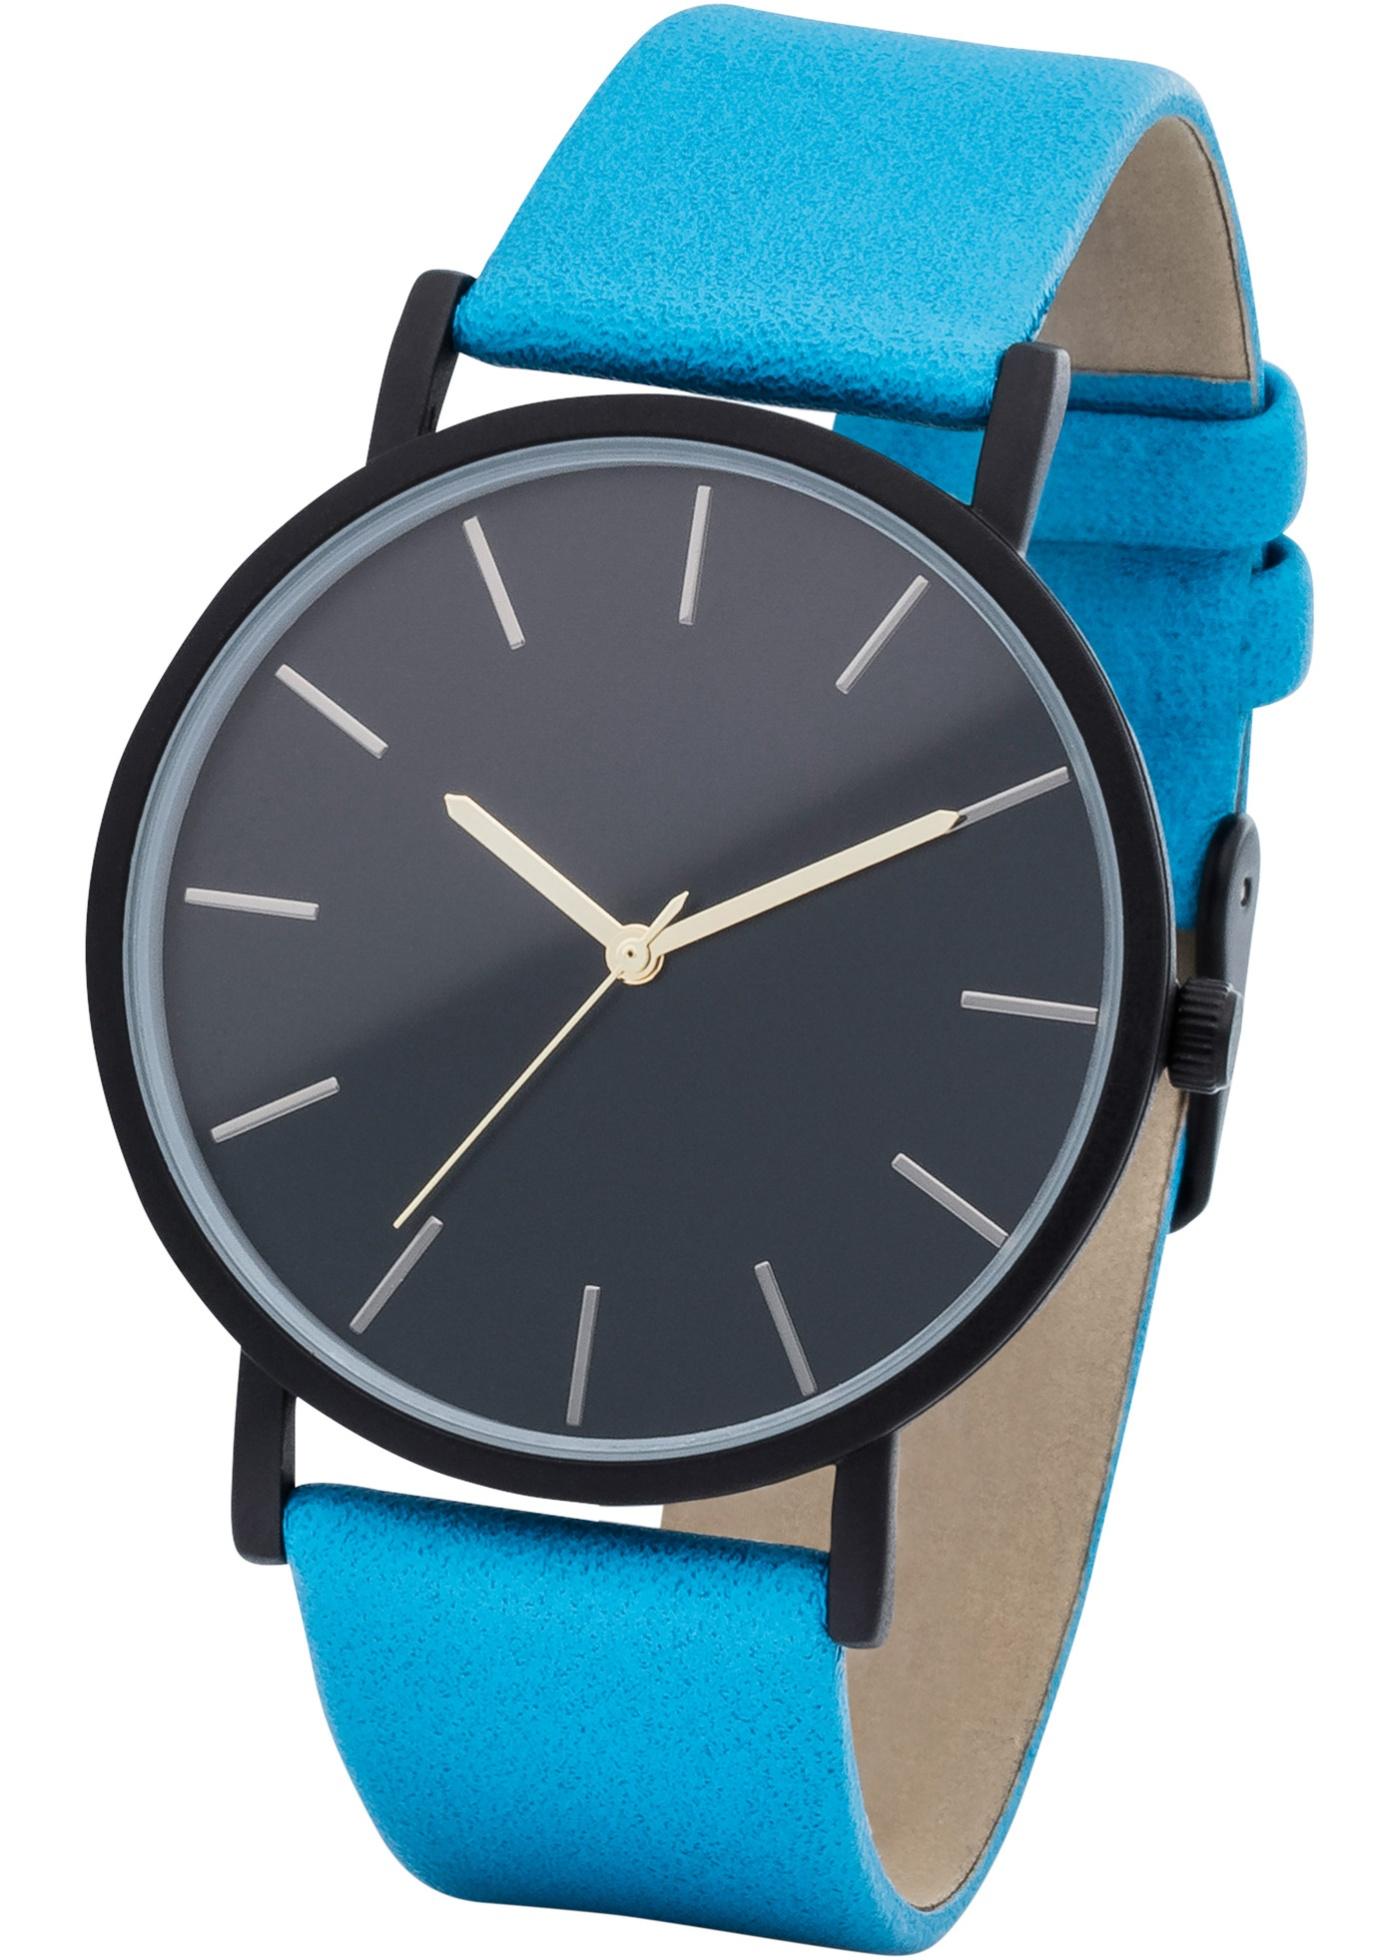 Montre avec bracelet en synthétique imitation cuir au design intemporel. Cadran plat classique. Dim. : diamètre cadran env. 4 cm, largeur bracelet env. 2 cm. Prix comprenant éco-participation (F)=0,01€ ou recupel (B) =0,05€.